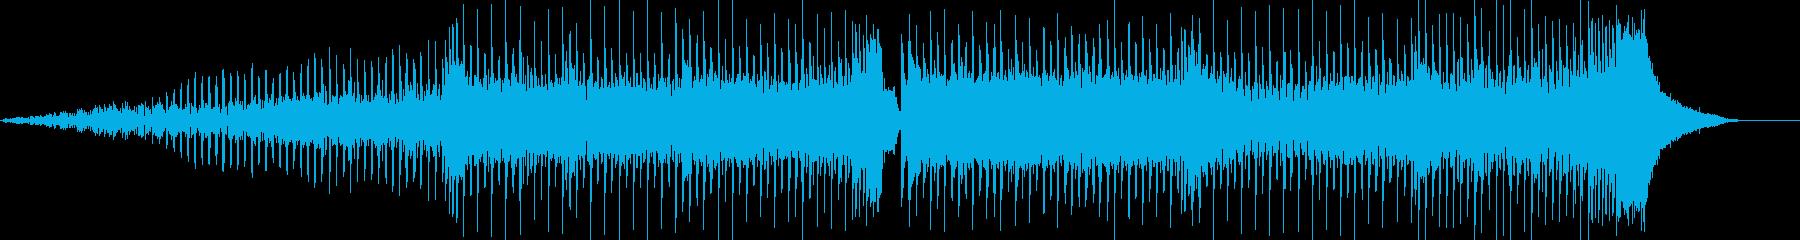 レトロ感溢れるテクノポップの再生済みの波形